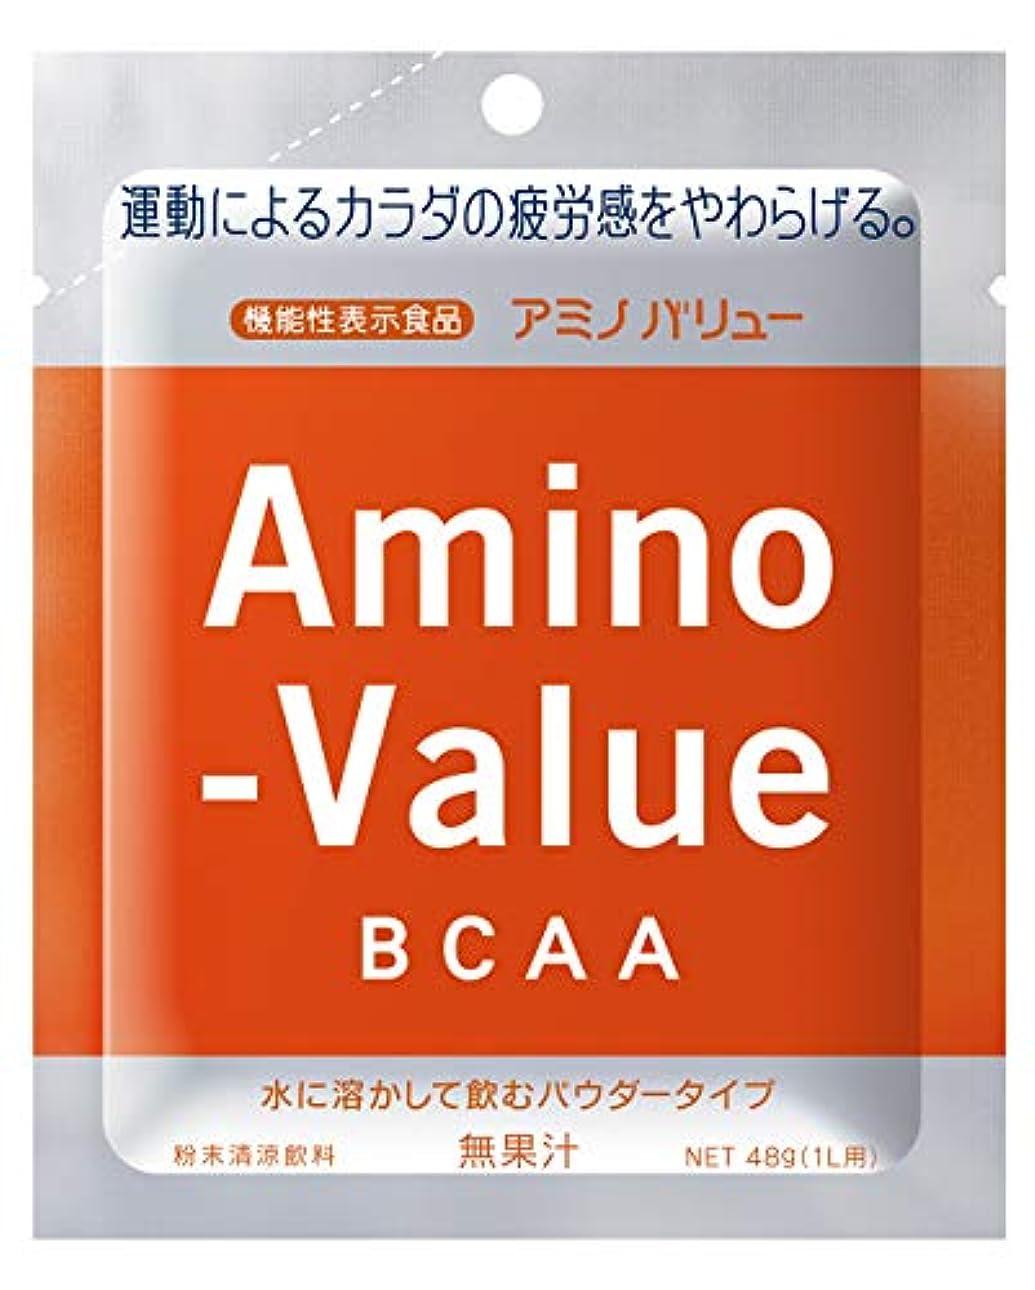 精度真夜中印象的な大塚製薬 アミノバリュー パウダー8000 1L用 (48G)×5袋×20箱 [機能性表示食品]